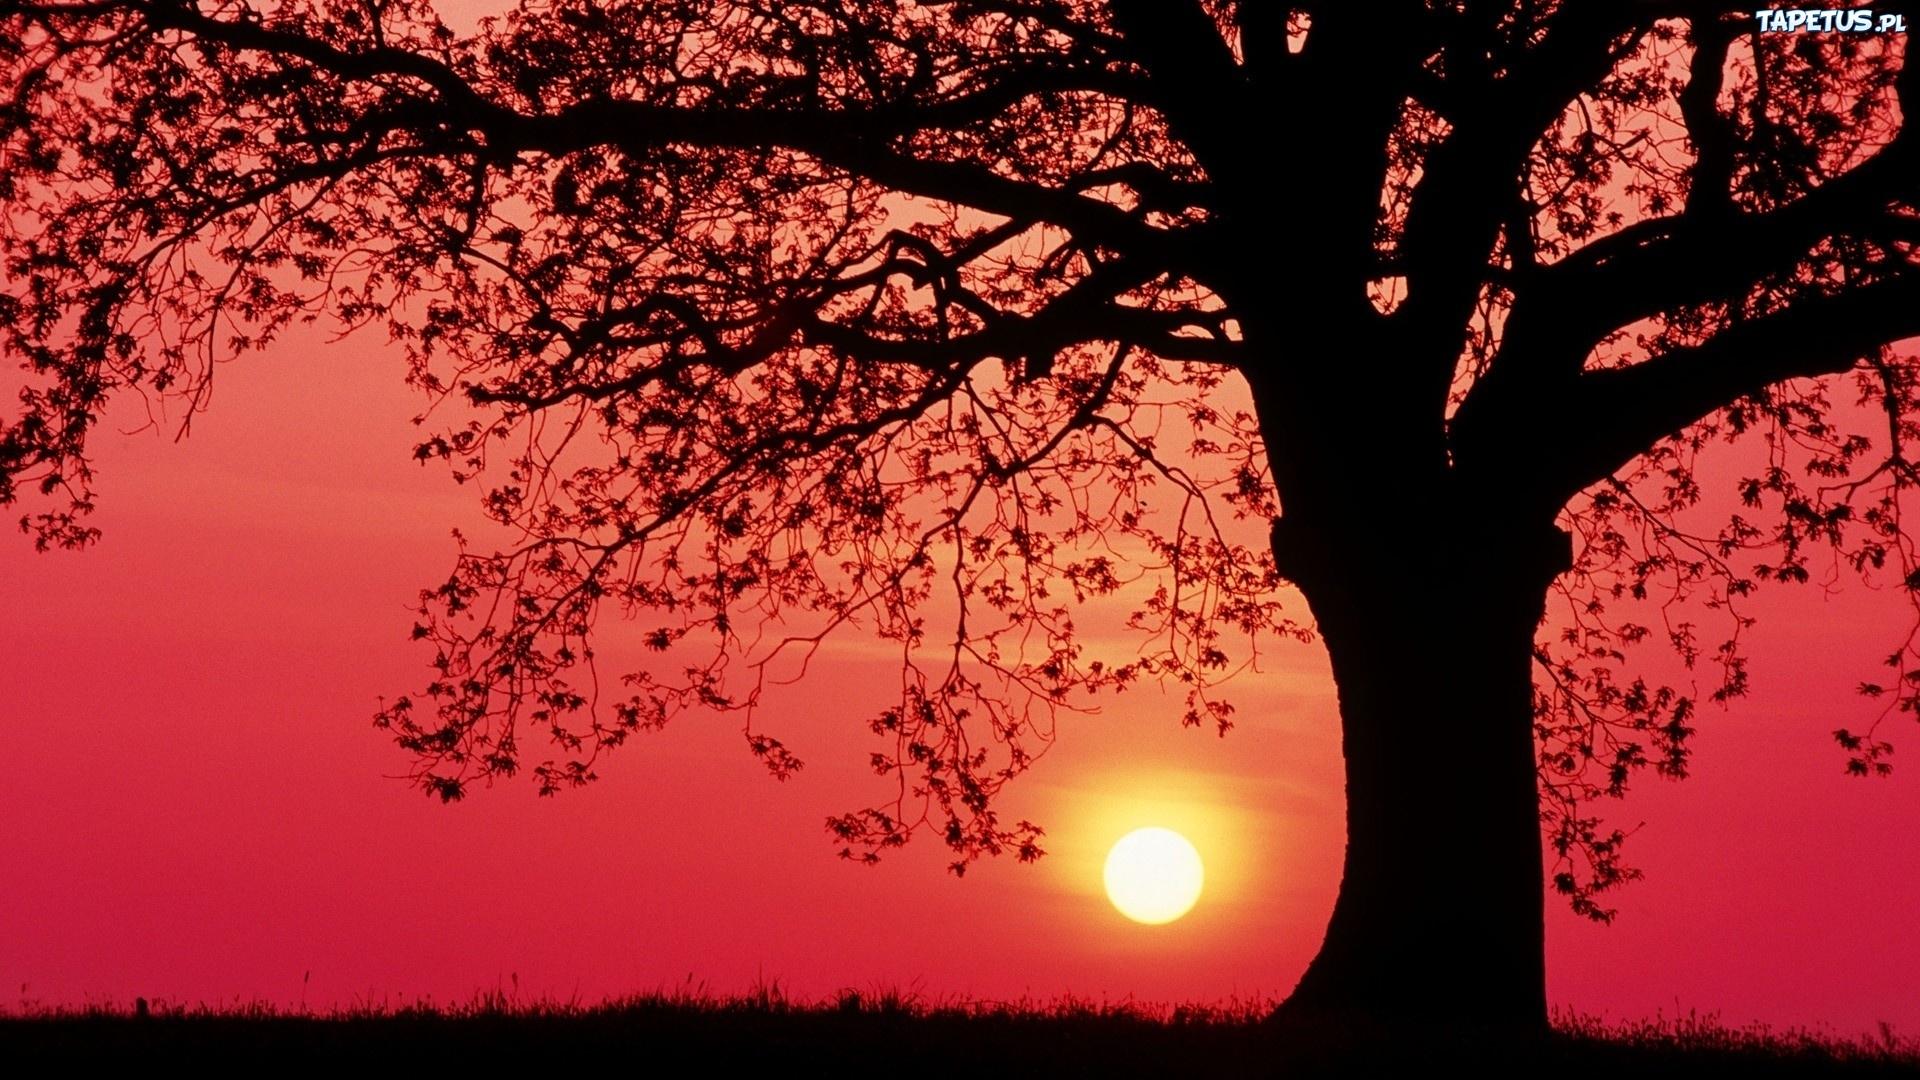 Арка из деревьев на закате на телефон